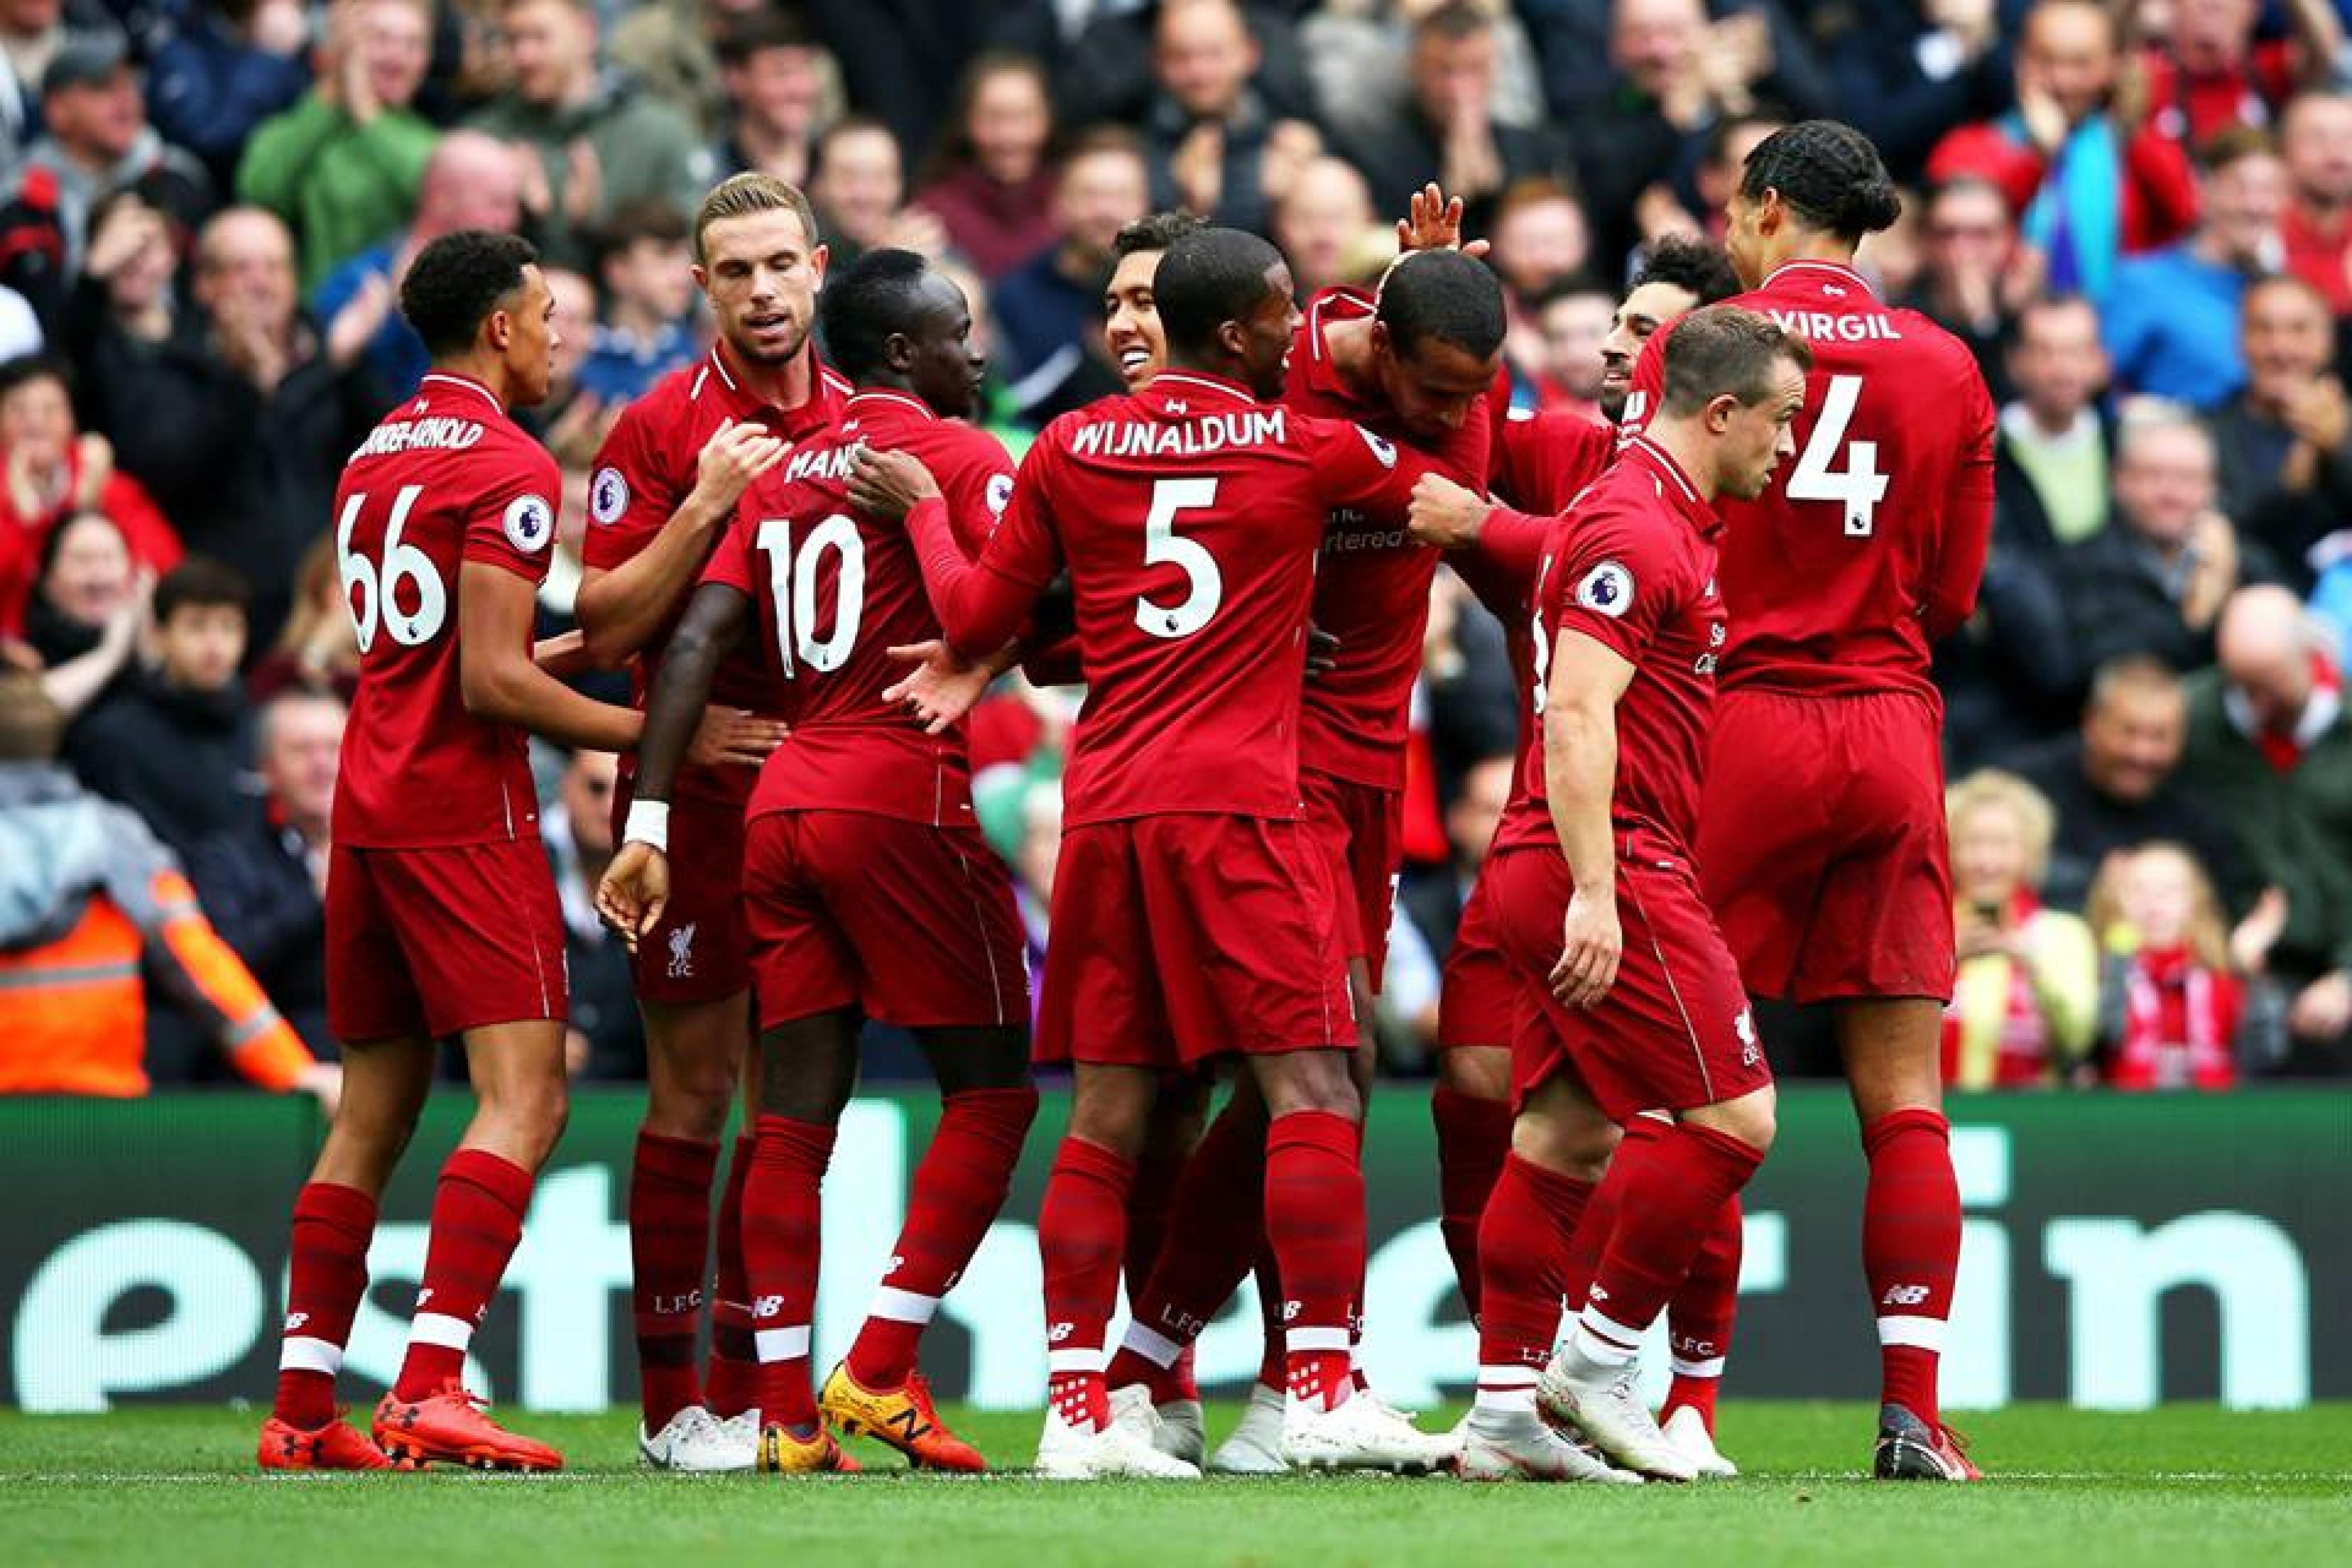 Premier - Il Liverpool è inarrestabile: 3-0 al Southampton e primato confermato a punteggio pieno